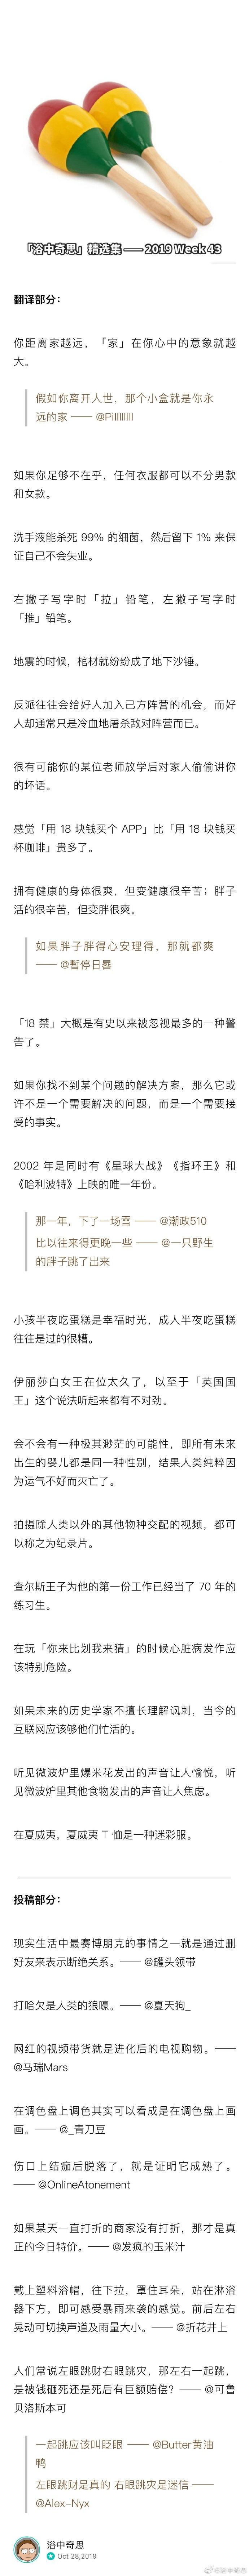 福利汇总022期:好一招孔雀开屏